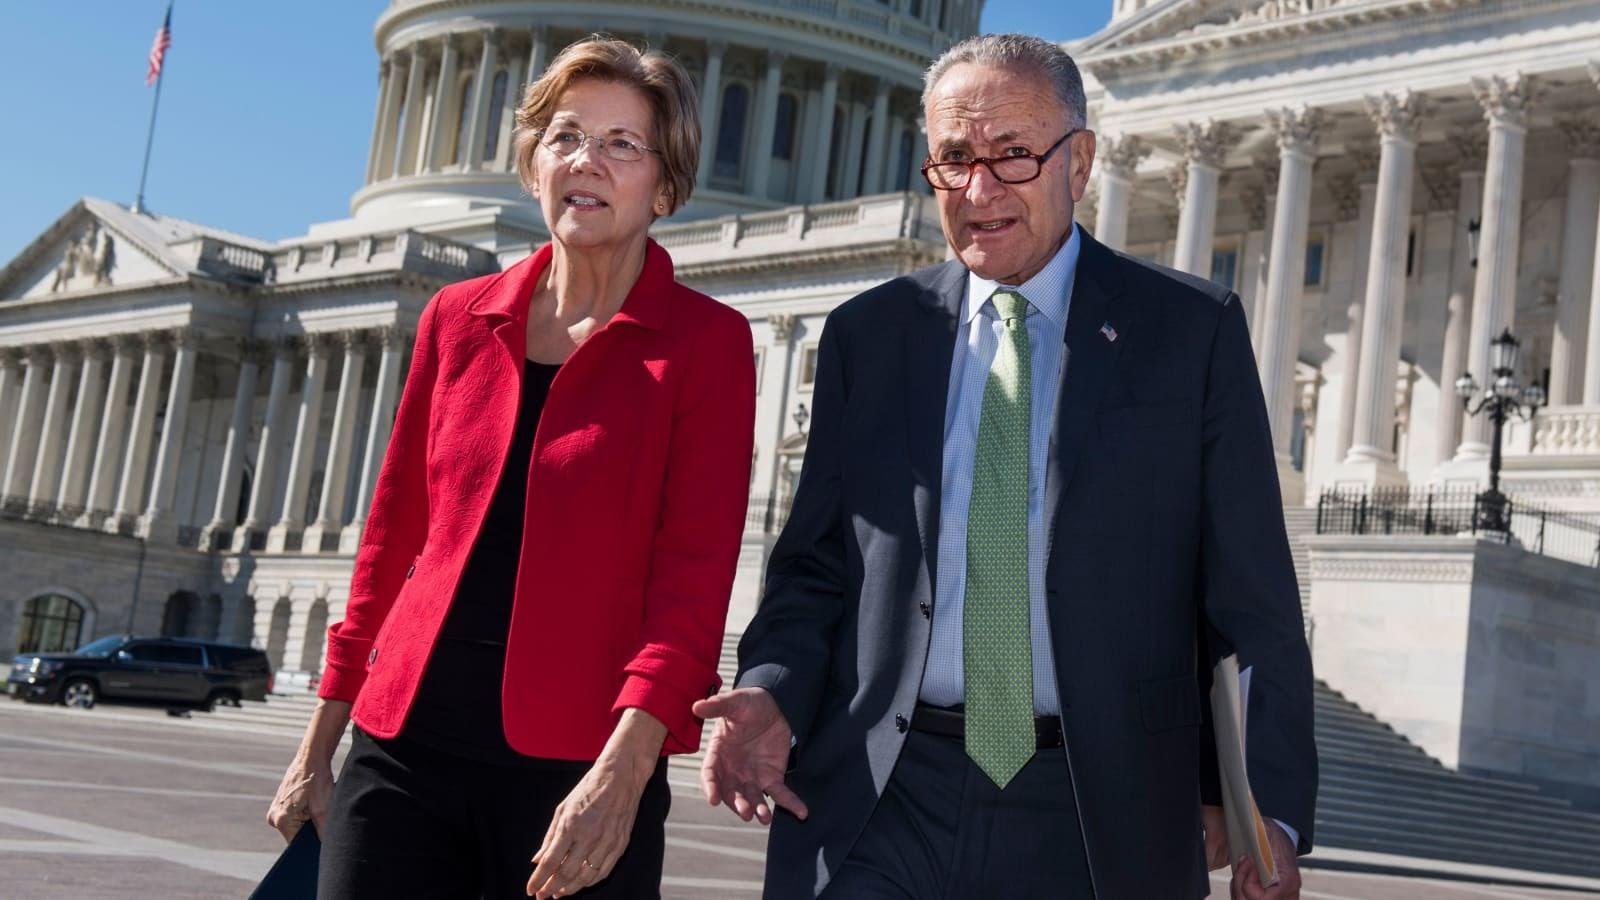 Elizabeth Warren and Chuck Schumer walking in front of Capitol building